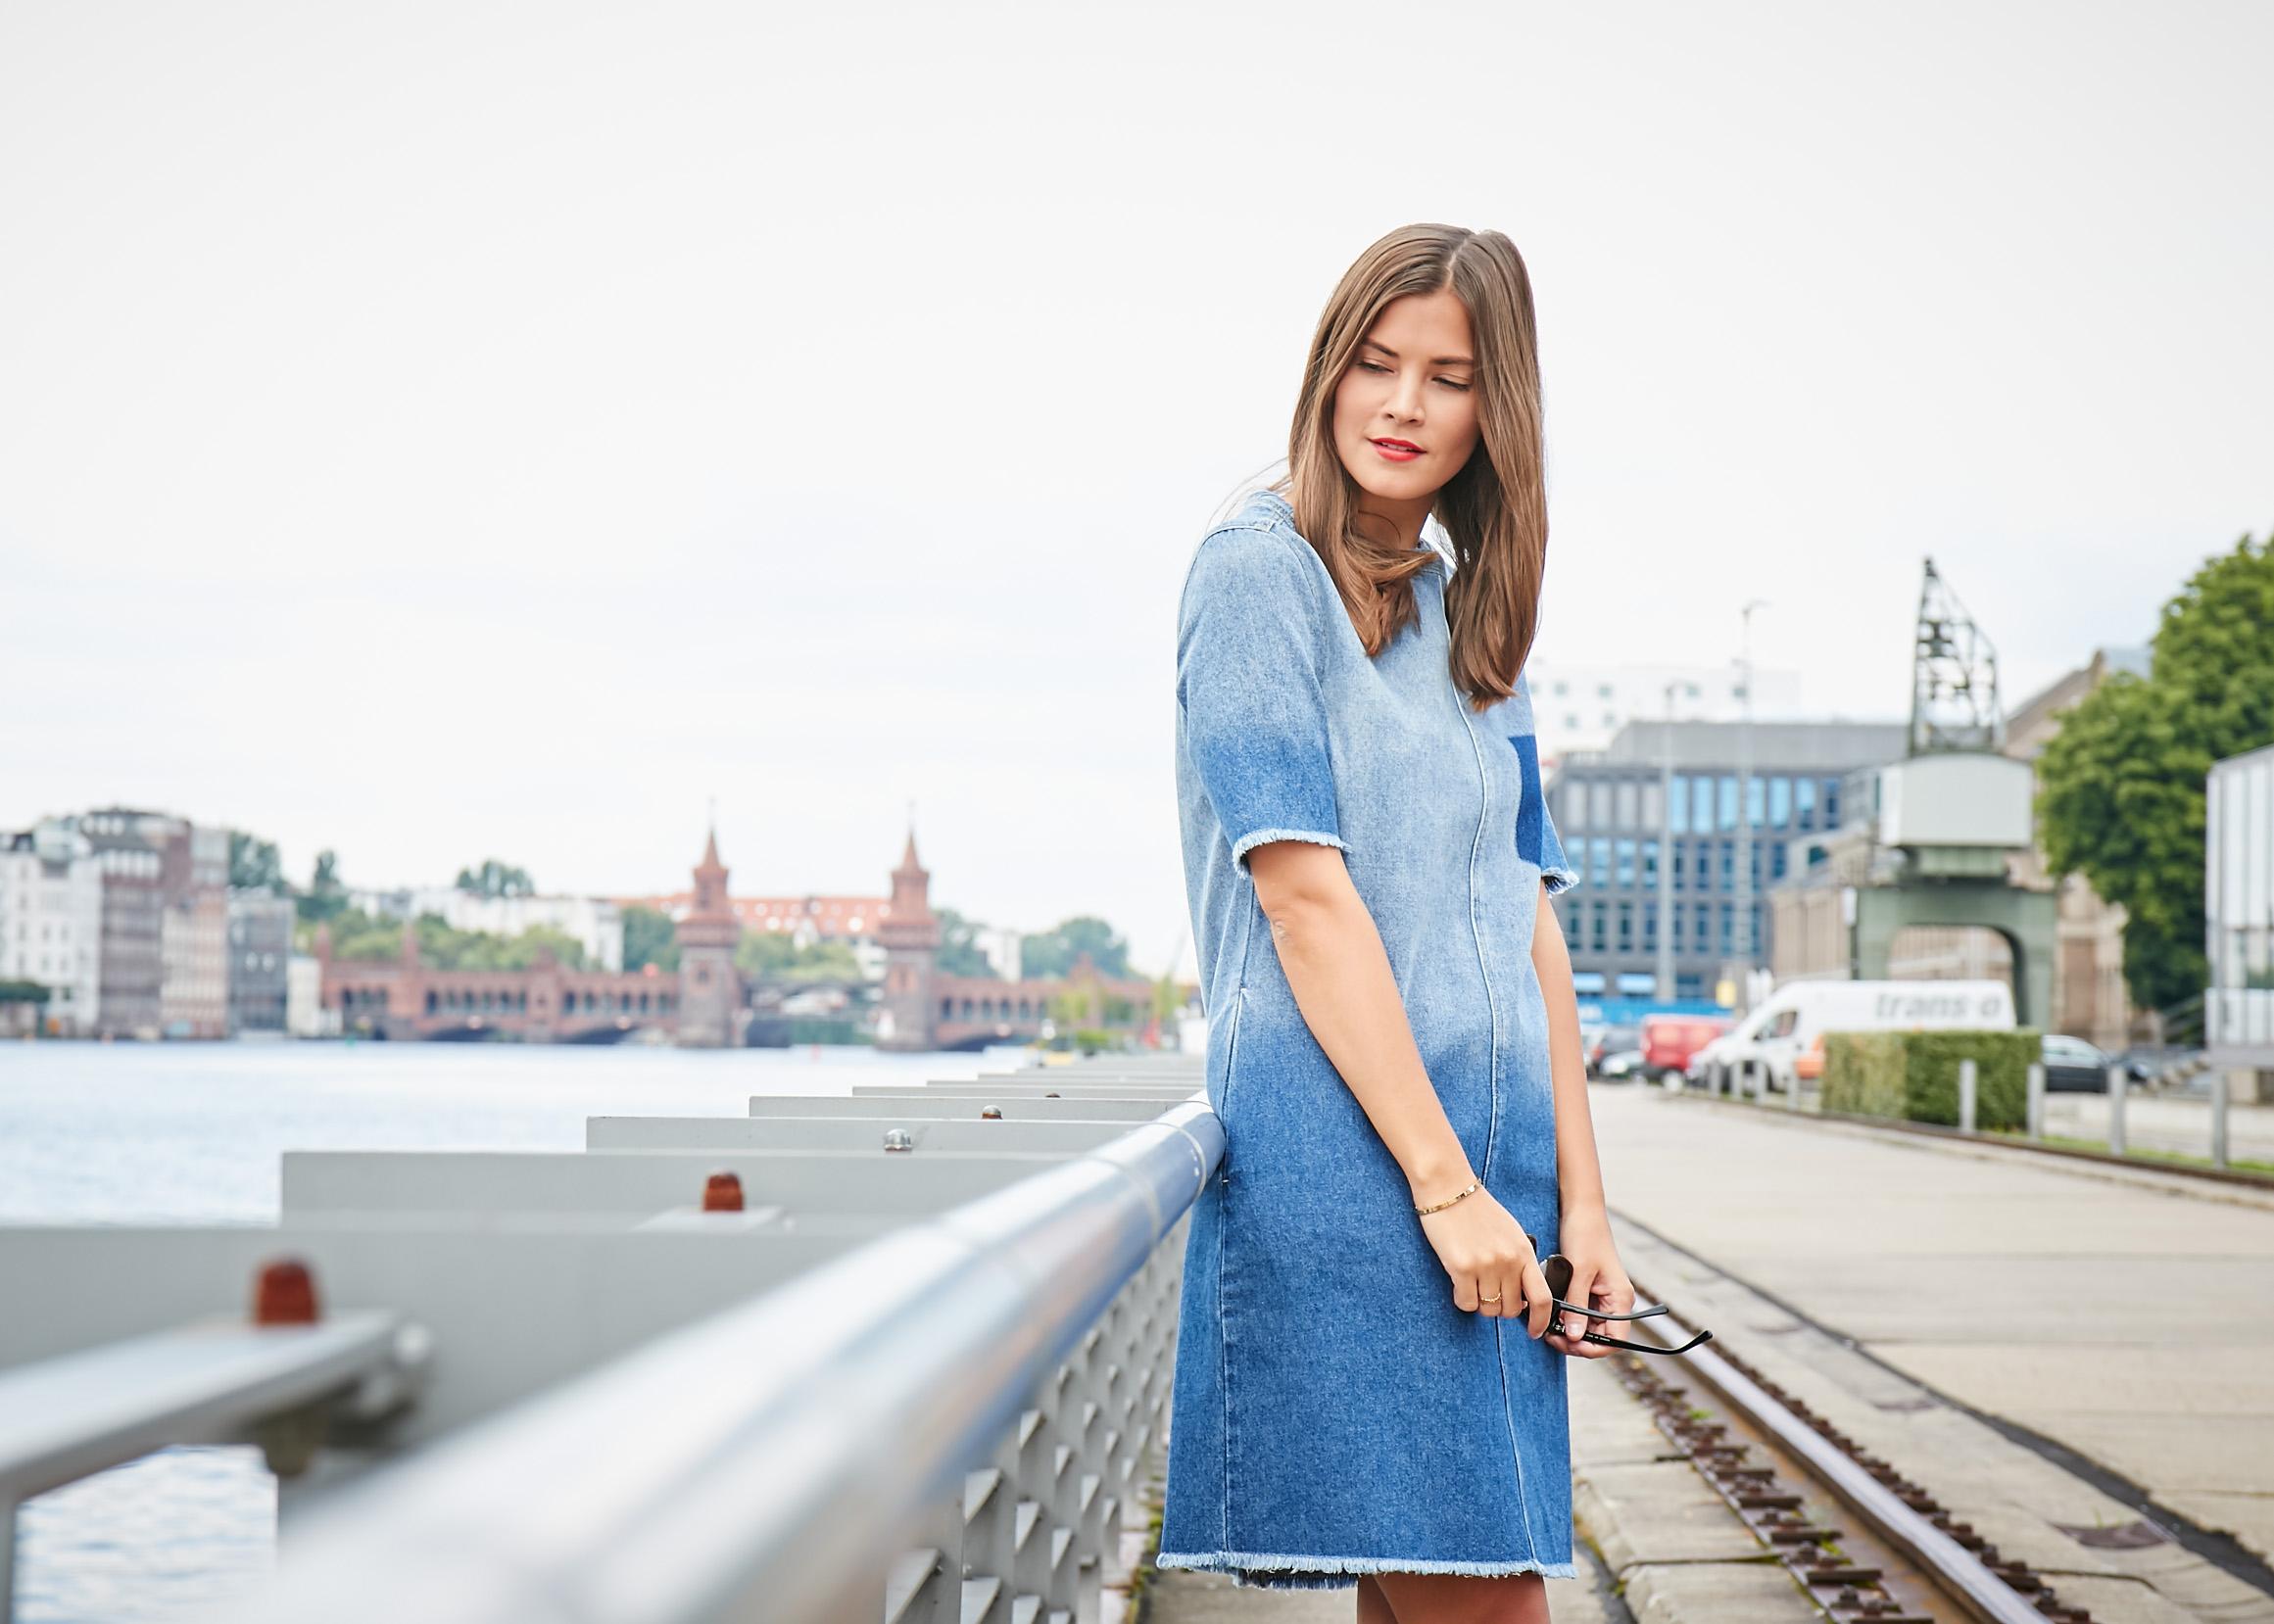 Mavi mit Fashiioncarpet und einem kurzen Jeanskleid